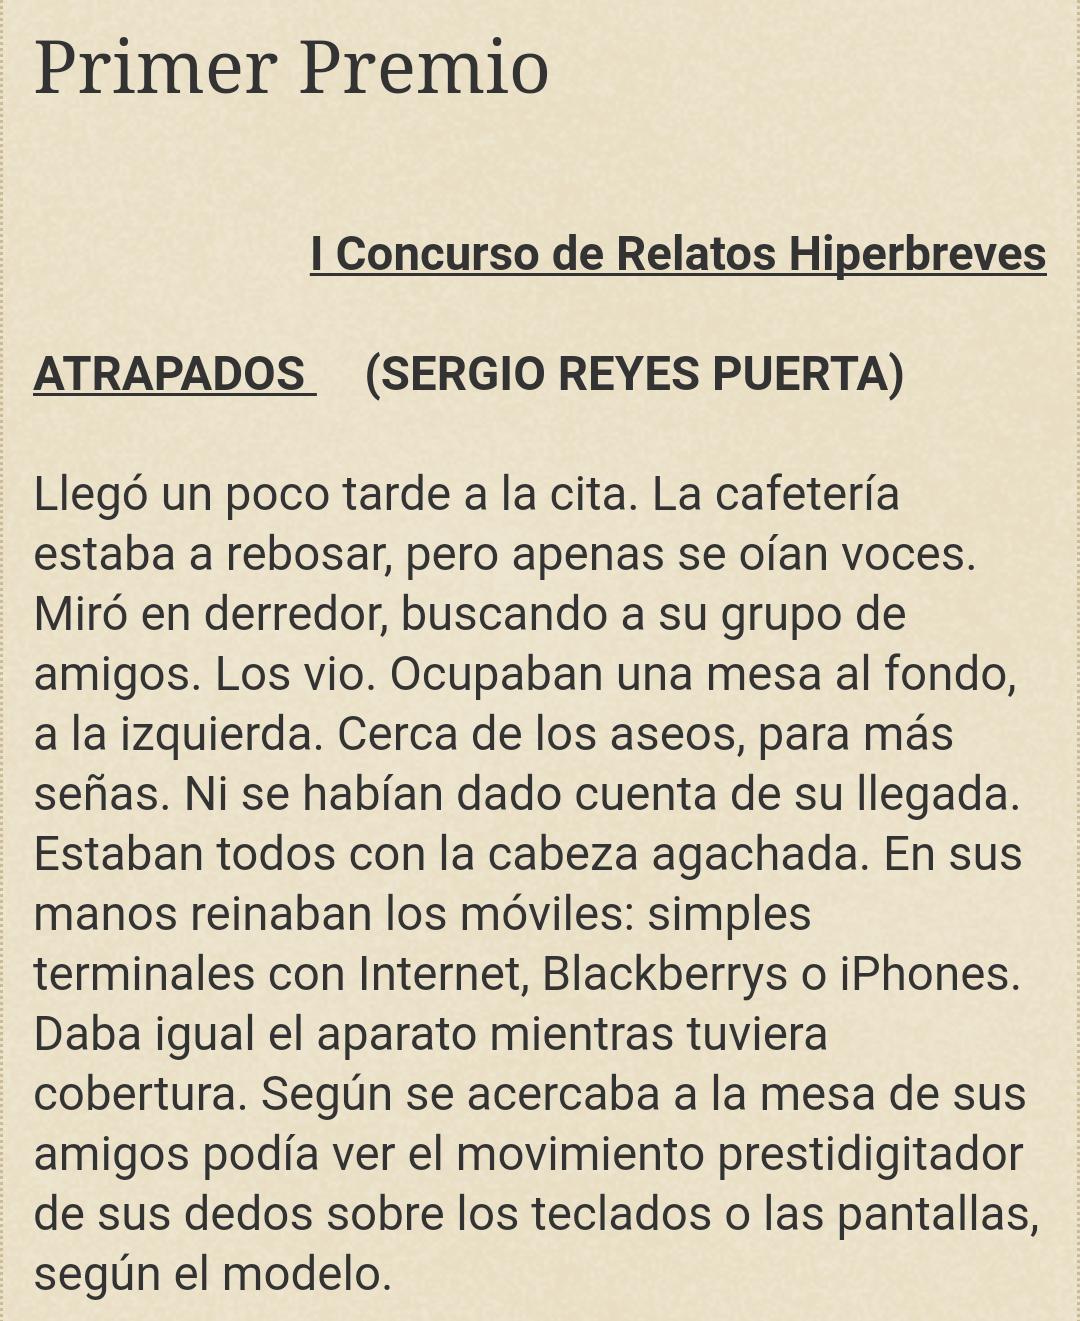 """Primera parte del texto del microrrelato """"Atrapados"""" de Sergio Reyes Puerta"""